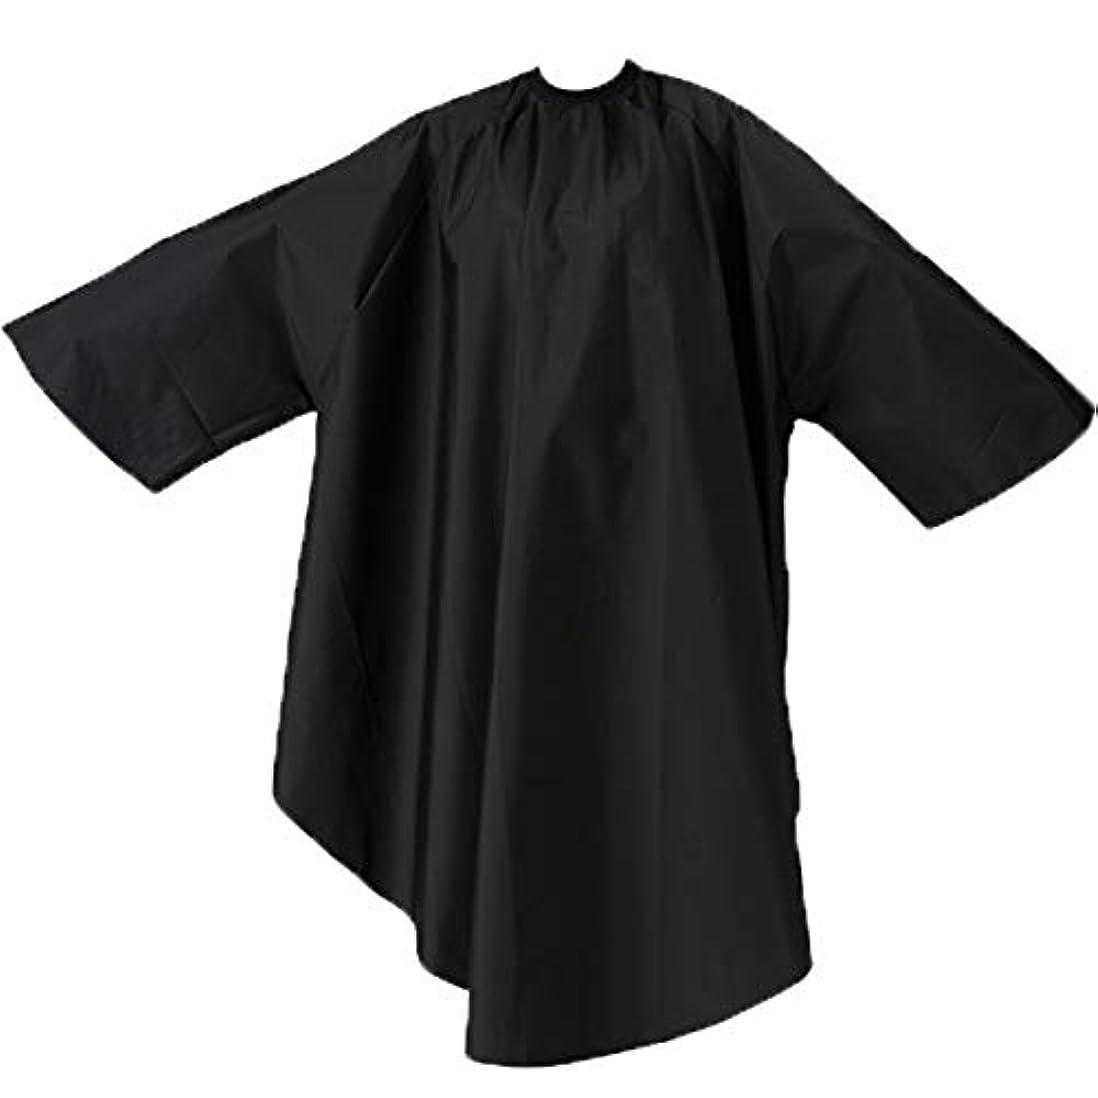 子供達お金娘エルコ 9762 ザ?クロス SKITT II 袖付 ヘアダイ&カットクロス ナイロン100% ヘアカラー/散髪ケープ/カットクロス/刈布 ELCO (首回り52cm, ブラック)